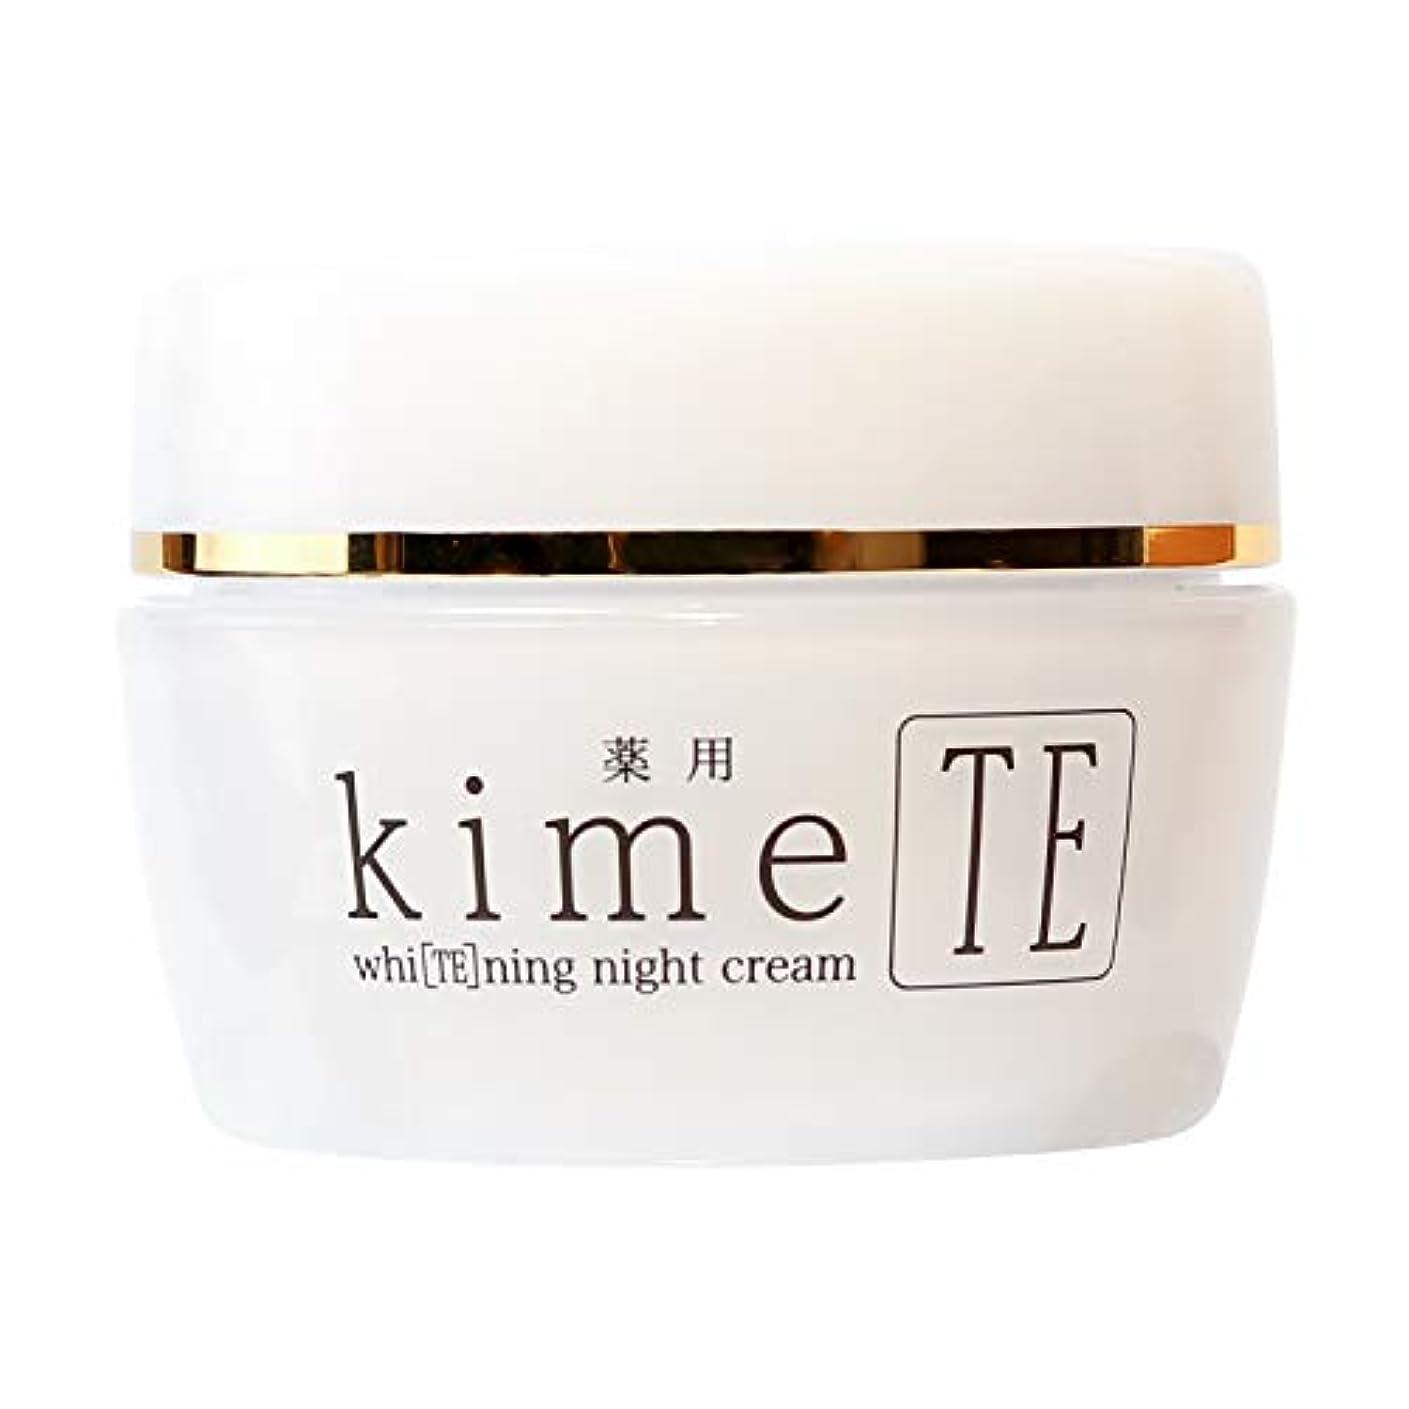 内なる広告主引き算【スペシャルアプローチ】kimeTE(キメテ)美白 保湿 無添加 ハンドケア 薬用ホワイトニングクリーム